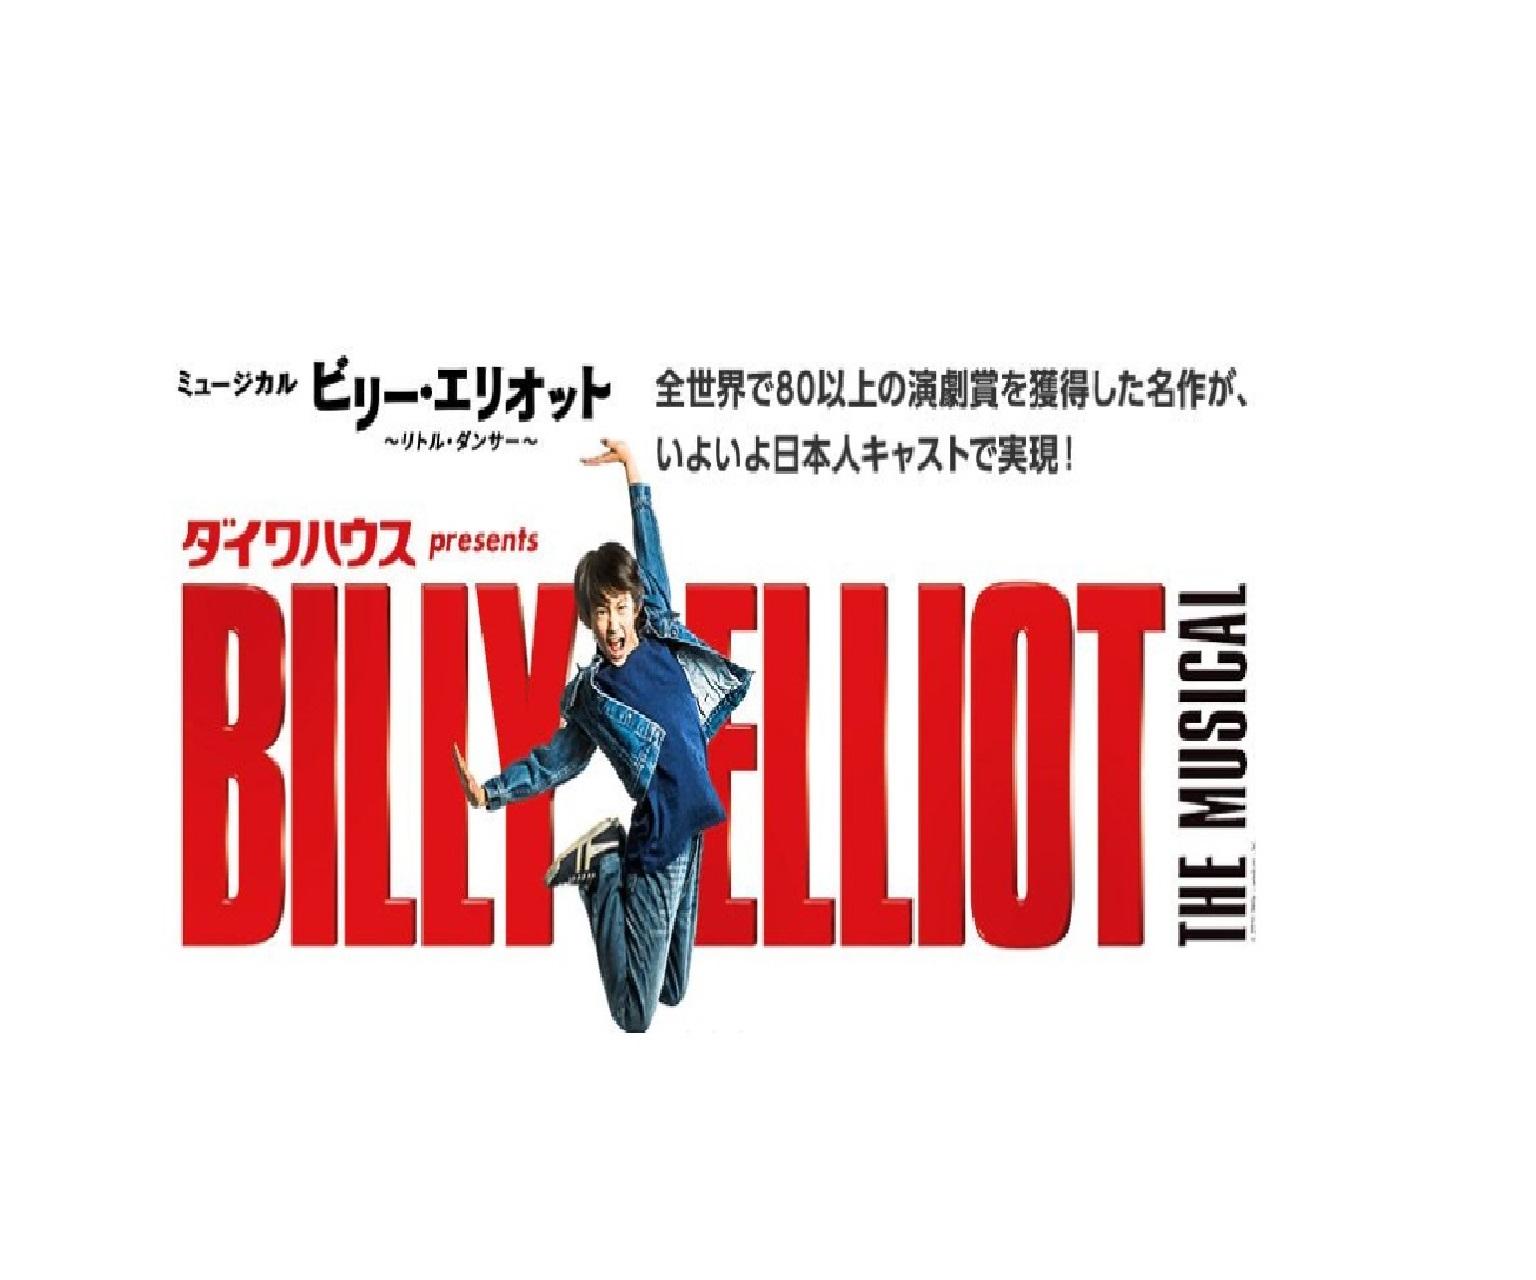 ミュージカル「ビリー・エリオット~リトル・ダンサー~」